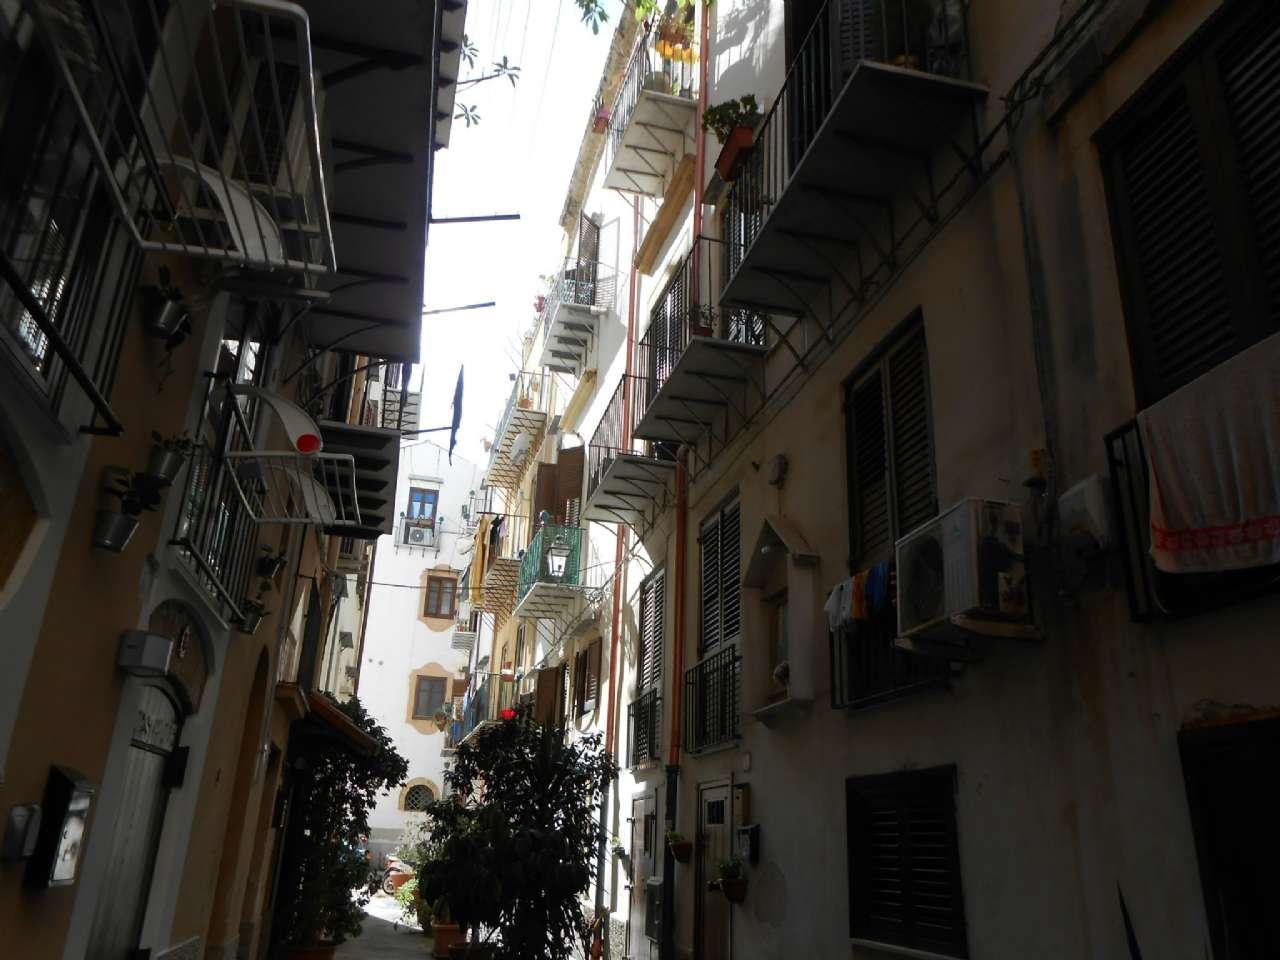 Trilocale, Vicolo del Capraio, centro storico, Palermo, foto 14